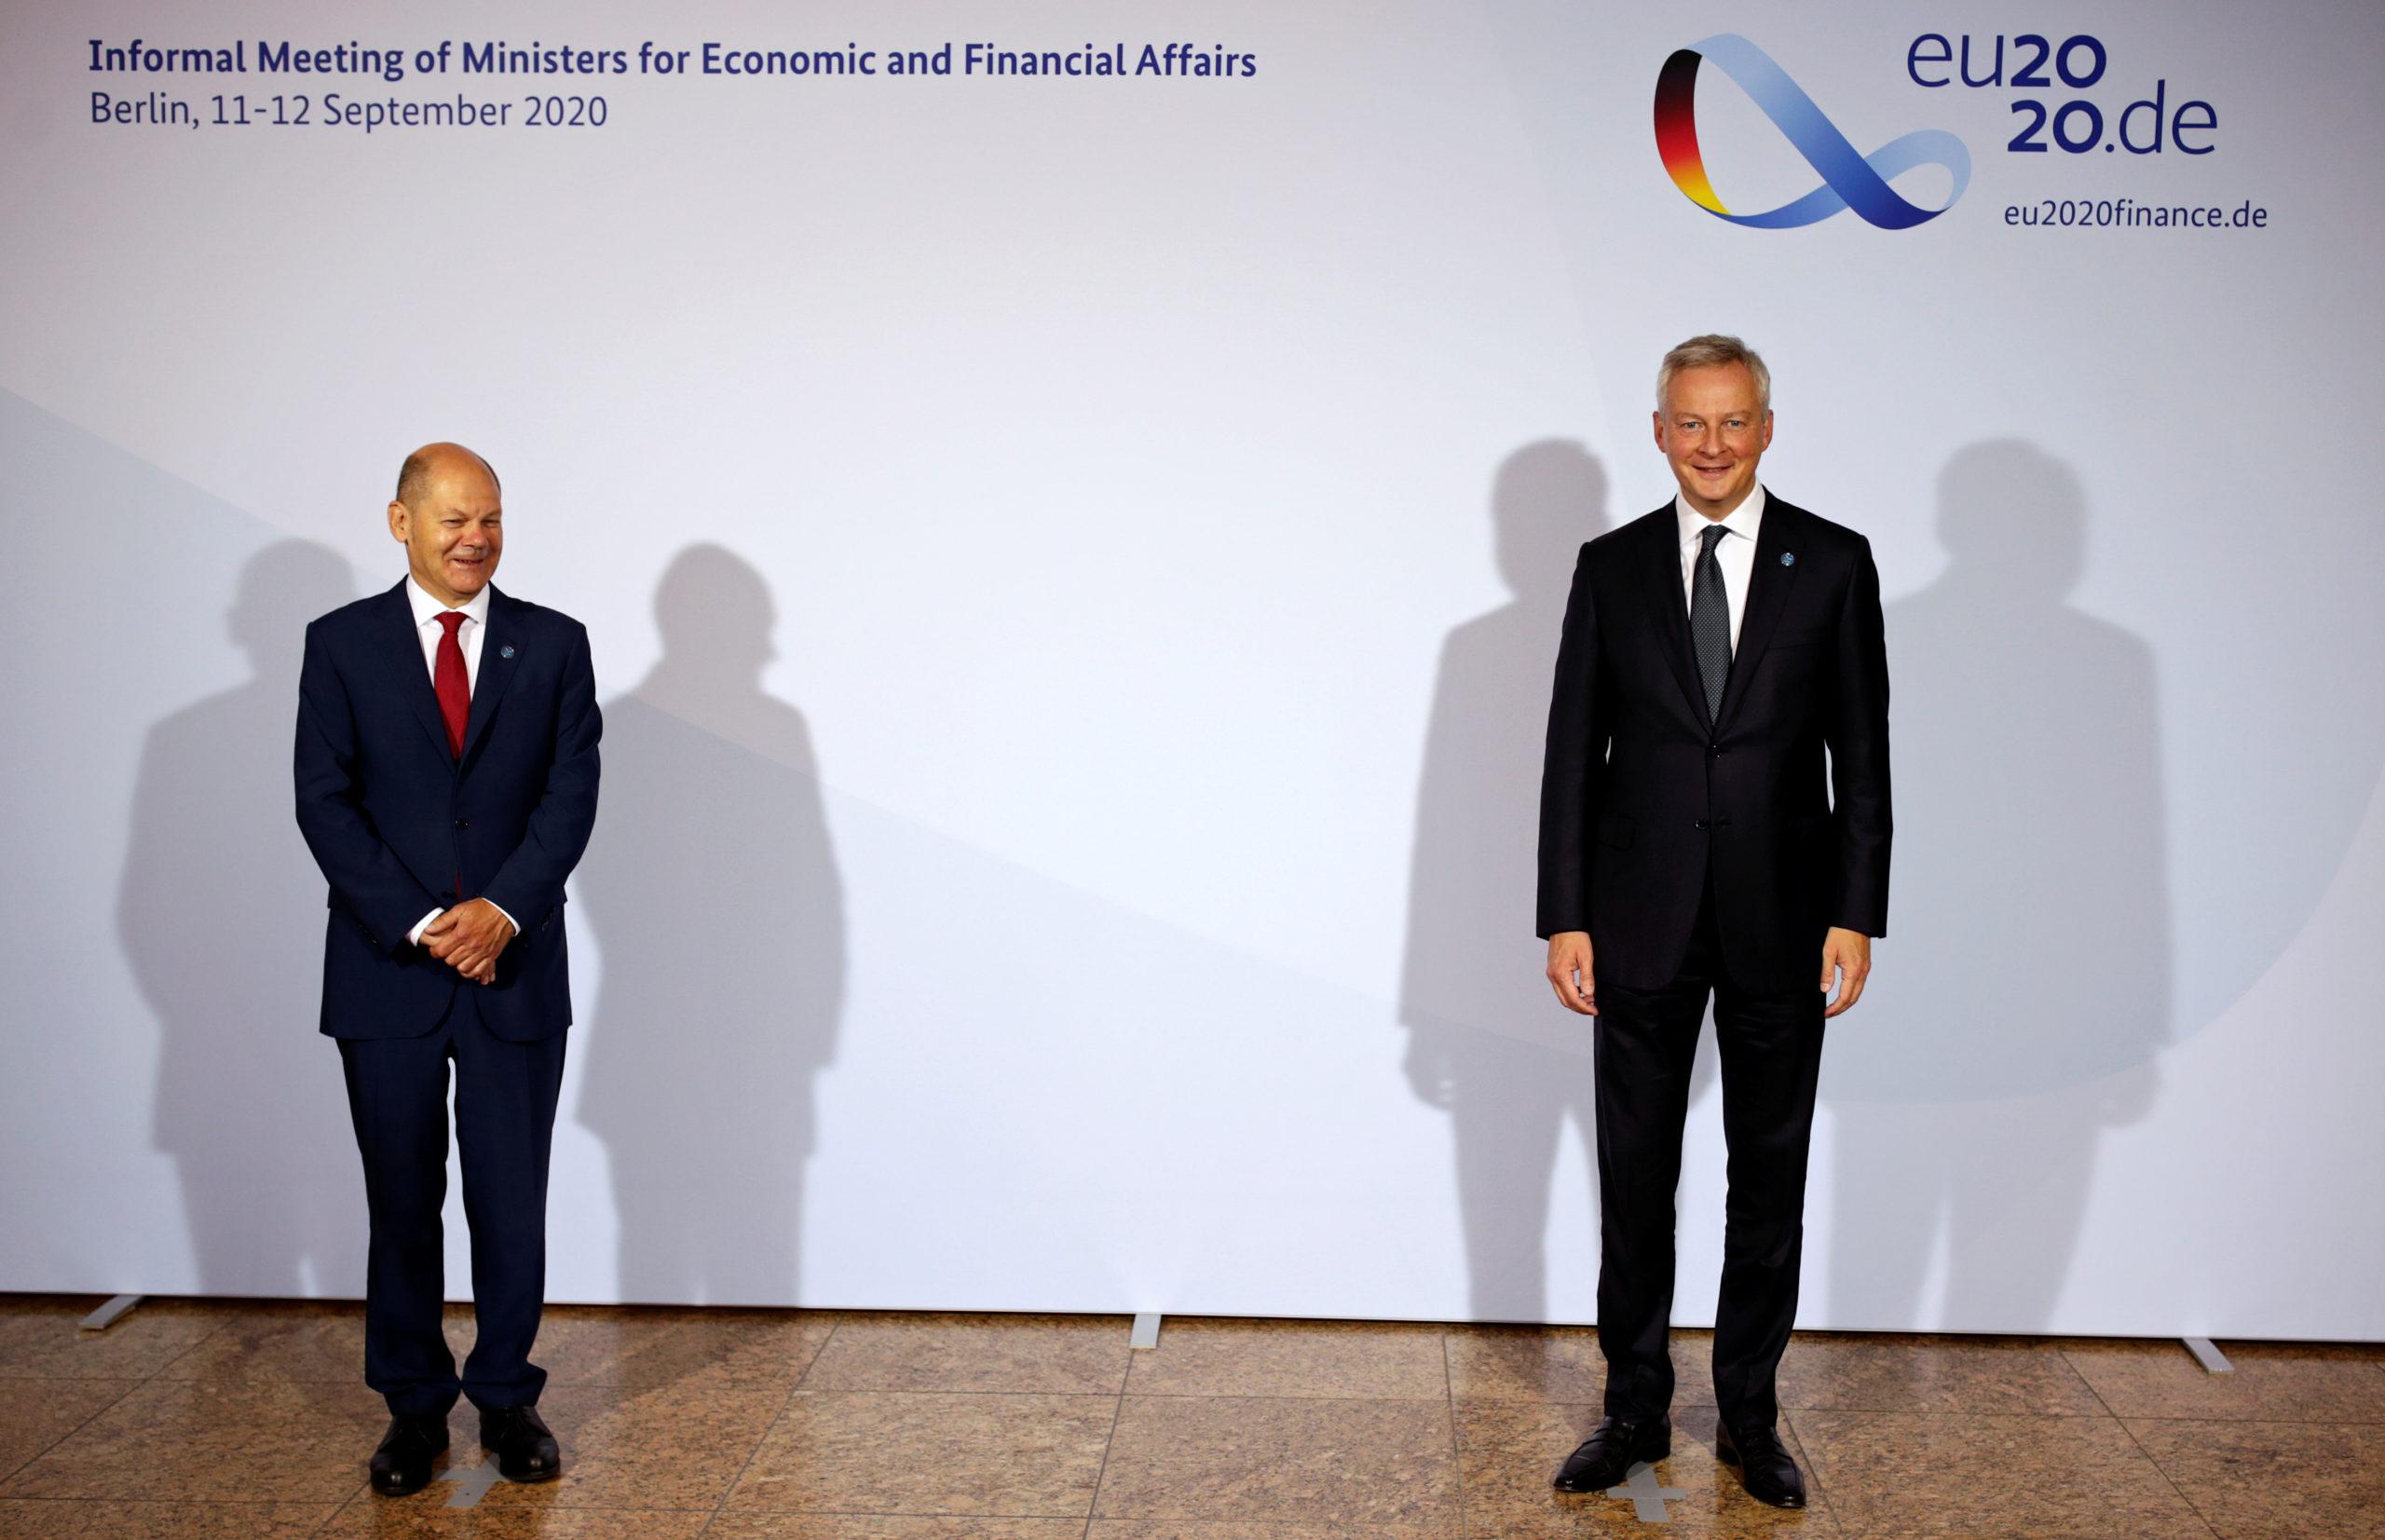 Les ministres européens des Finances à Berlin avec l'objectif de financer l'emprunt Covid